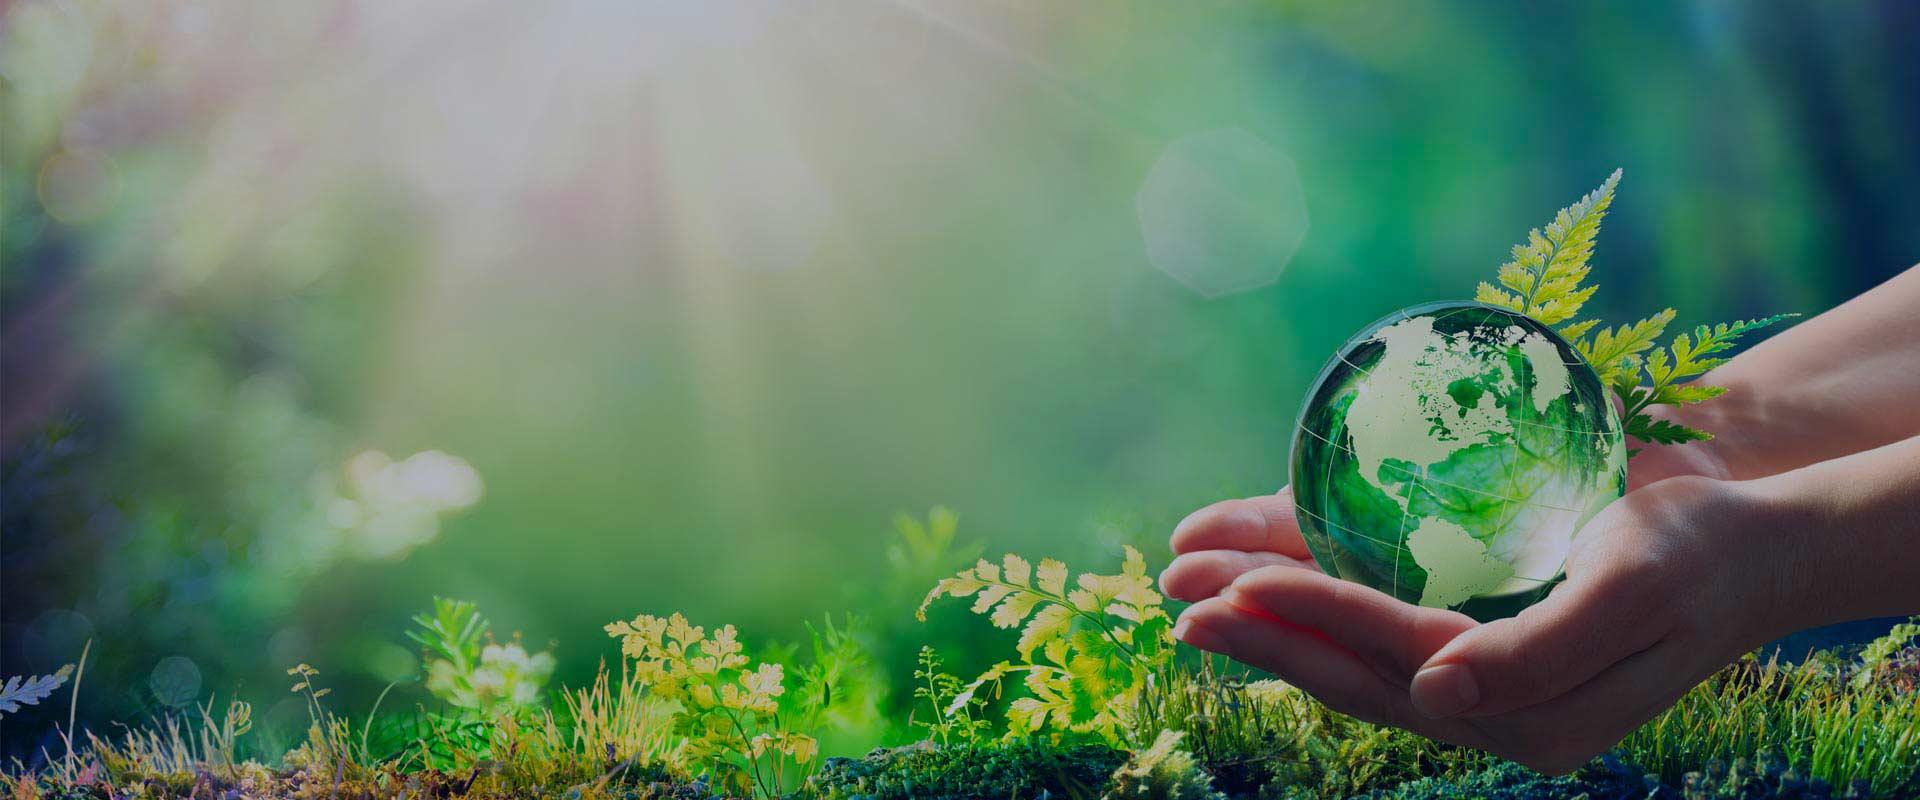 Mains tenant le monde dans un environnement verdoyant